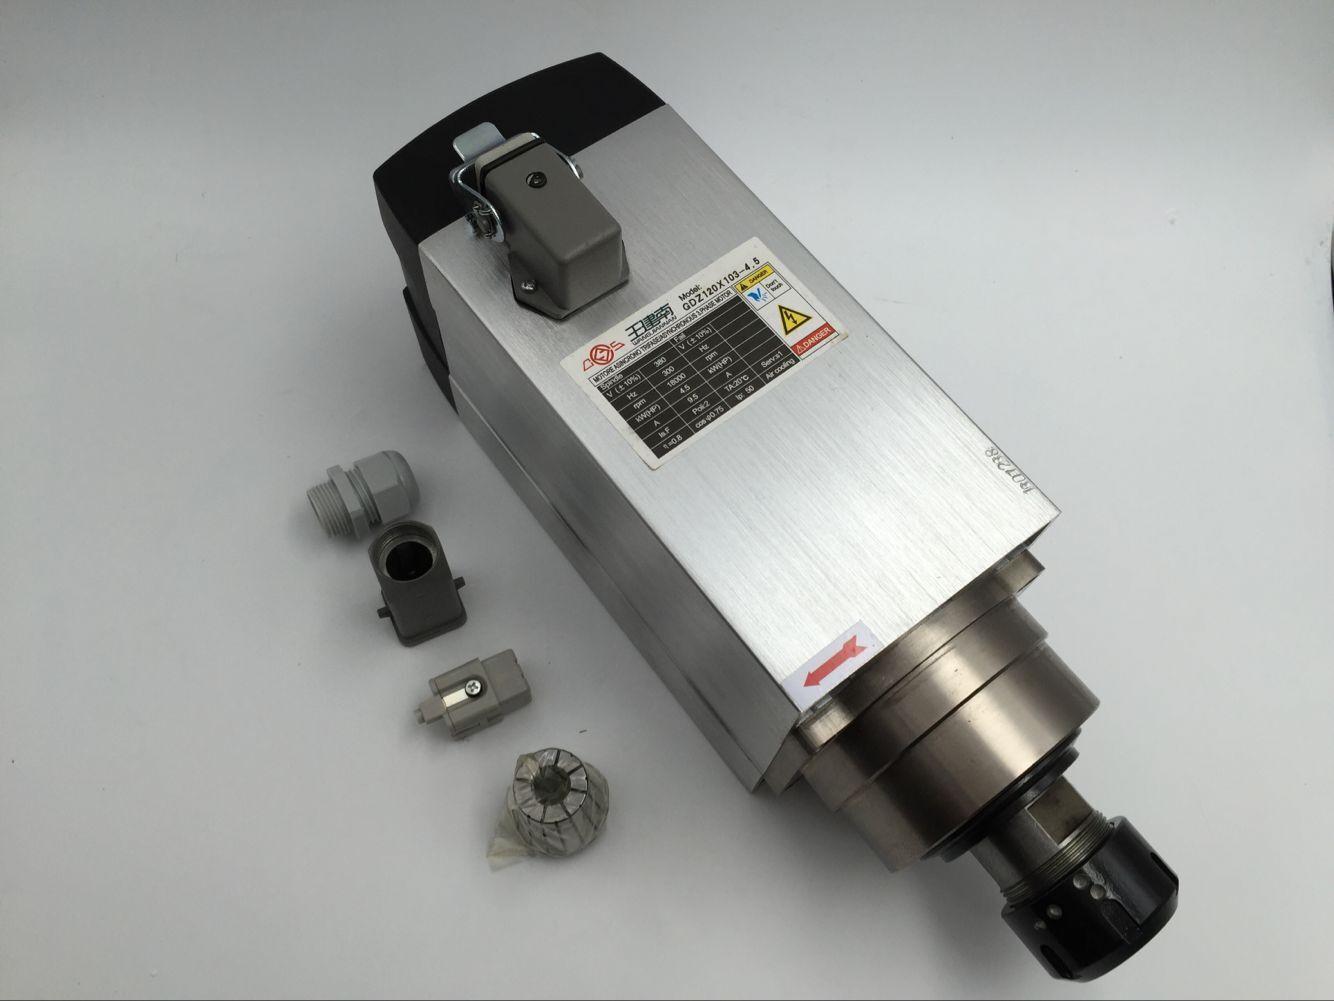 4.5KW 6HP 4 ER32 380 V Spindle Motor Refrigerado A Ar peças de Cerâmica Rolamentos de Alta Precisão para a máquina de Gravura do CNC Router máquinas para trabalhar madeira